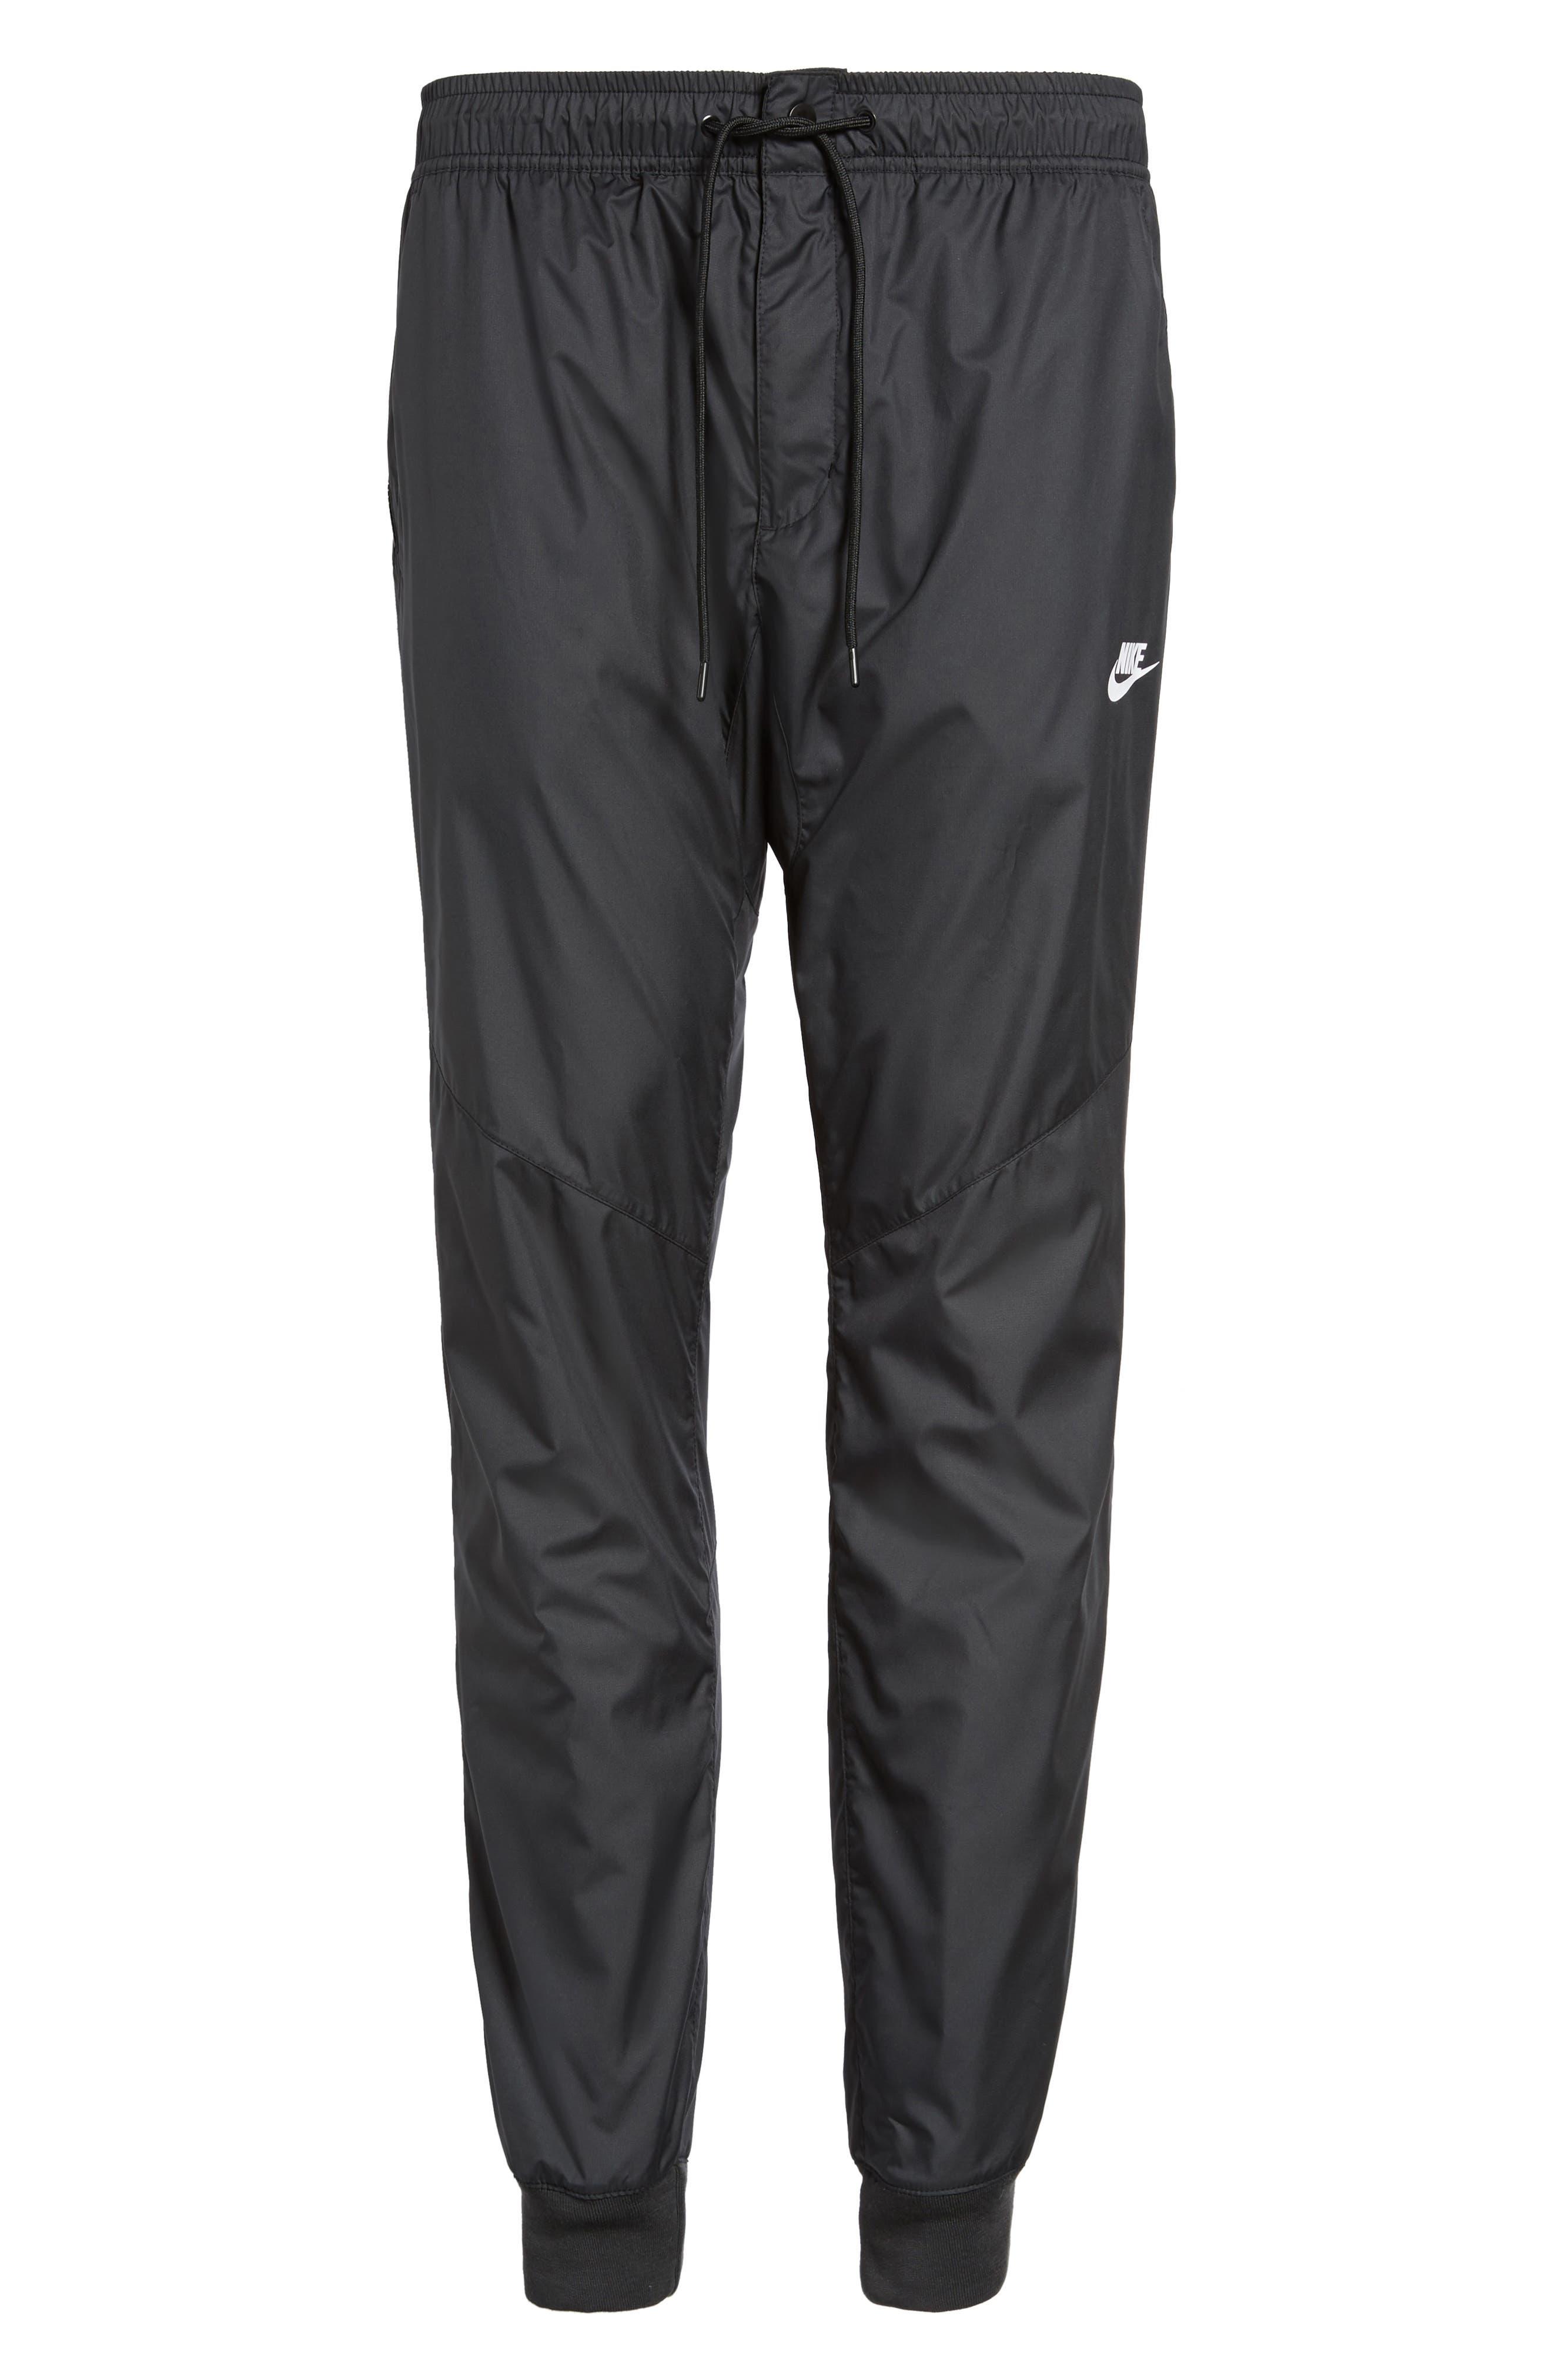 Windrunner Training Pants,                             Alternate thumbnail 5, color,                             Black/ Black/ Black/ White